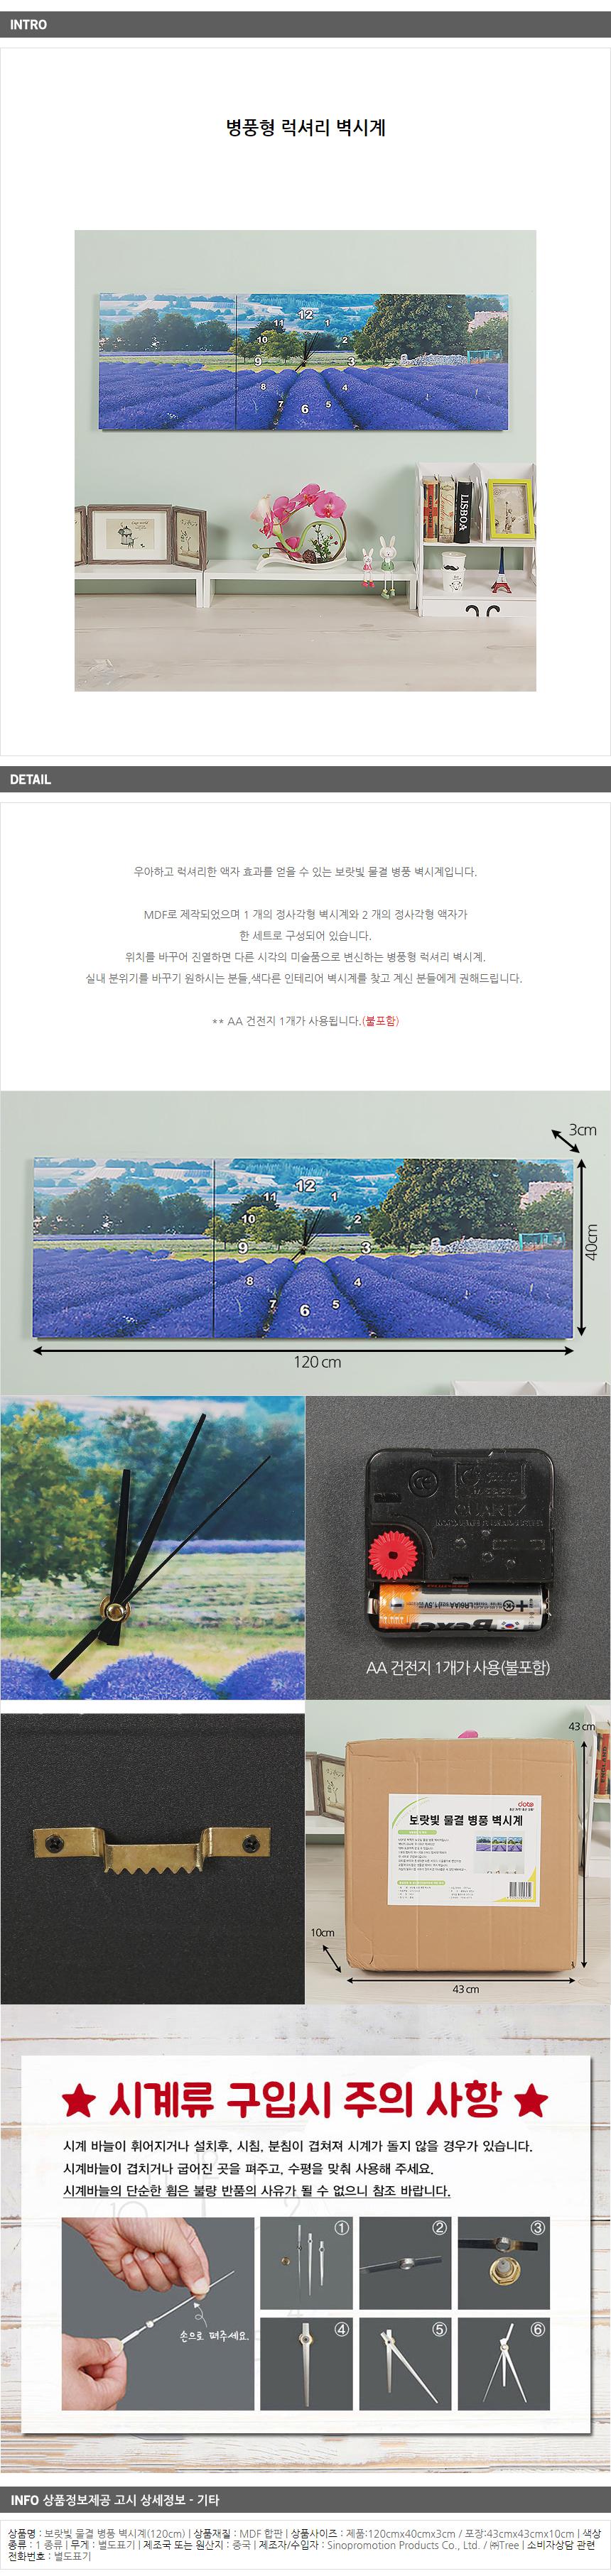 바이올렛 인테리어 무소음 벽시계/그림액자 벽걸이시계 - 기프트갓, 27,780원, 벽시계, 디자인벽시계